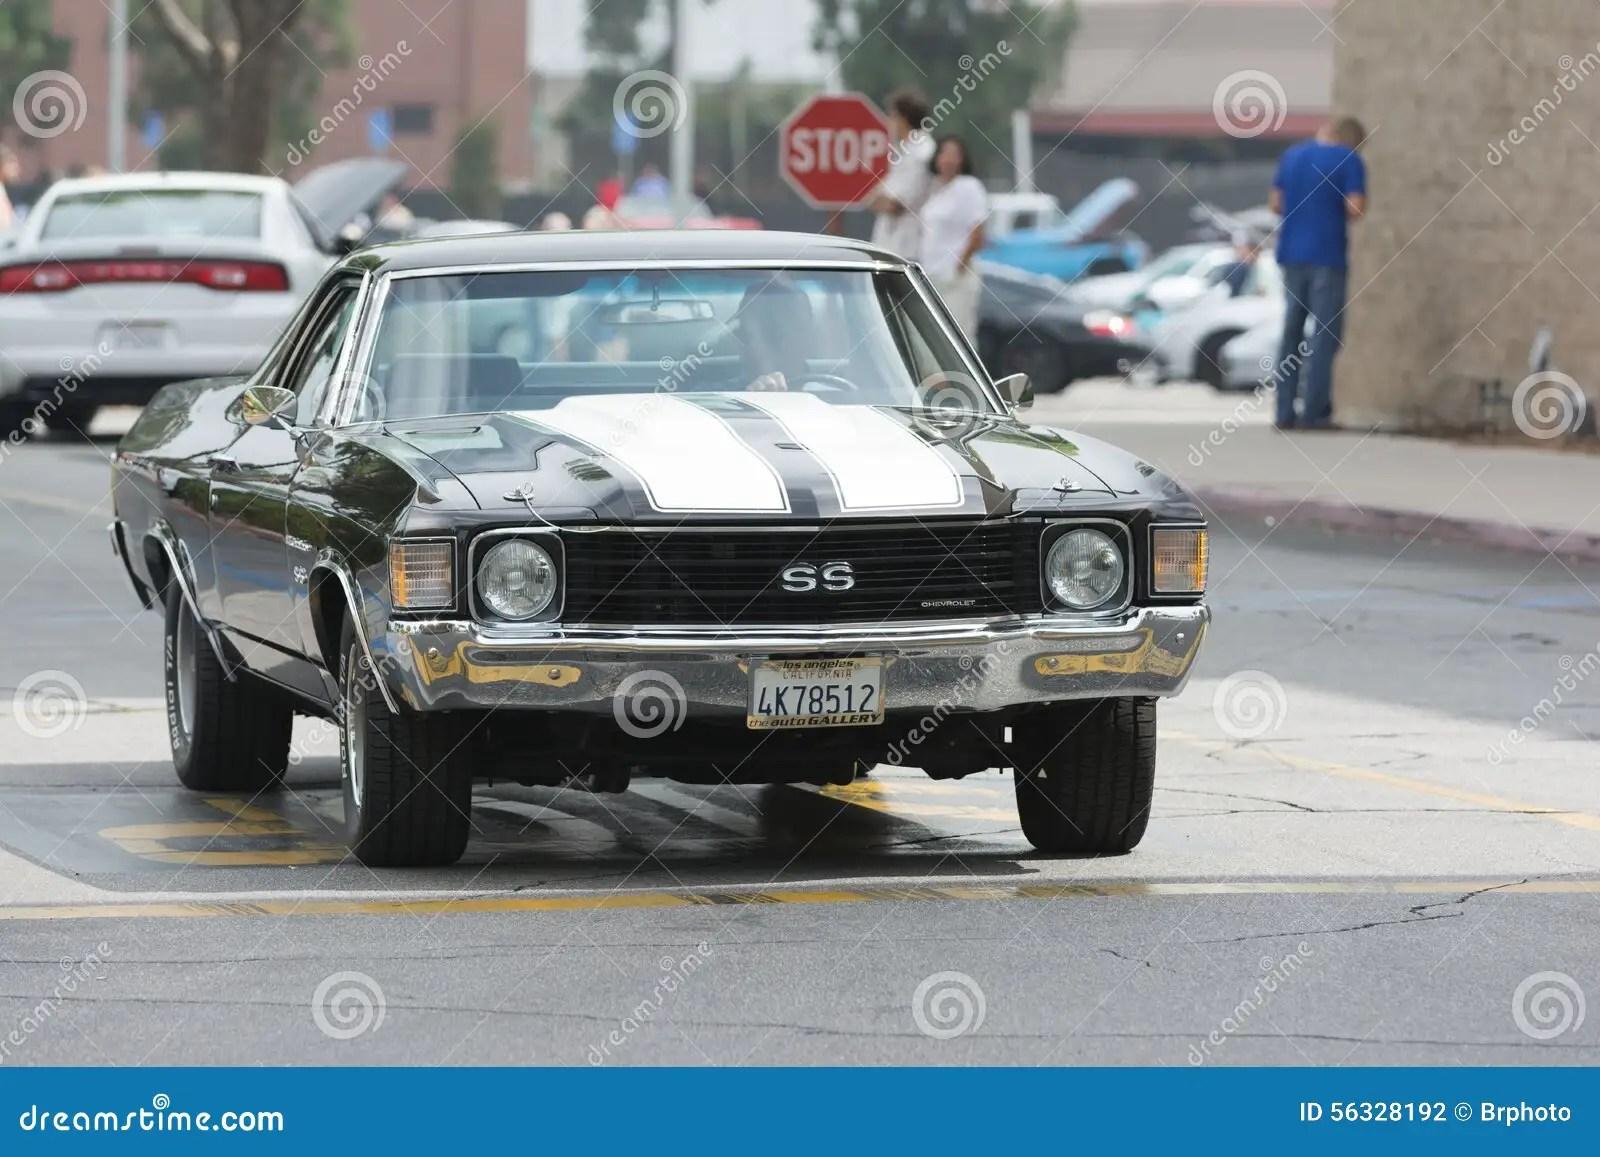 hight resolution of chevrolet el camino ss car on display